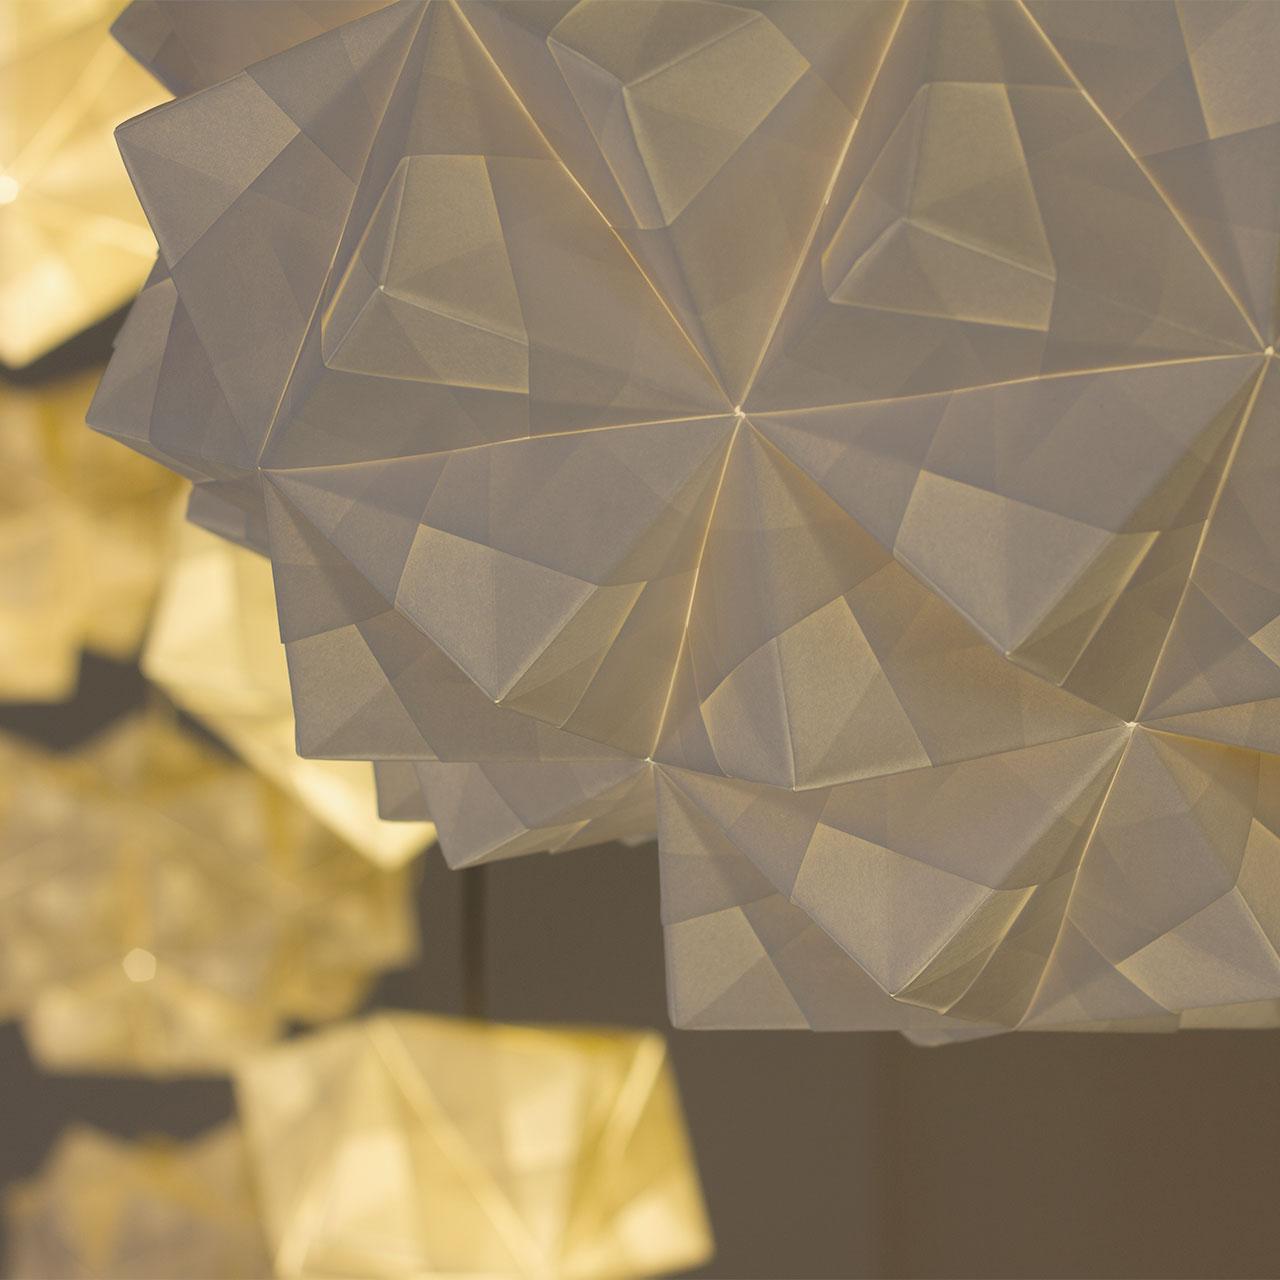 designersblock_09